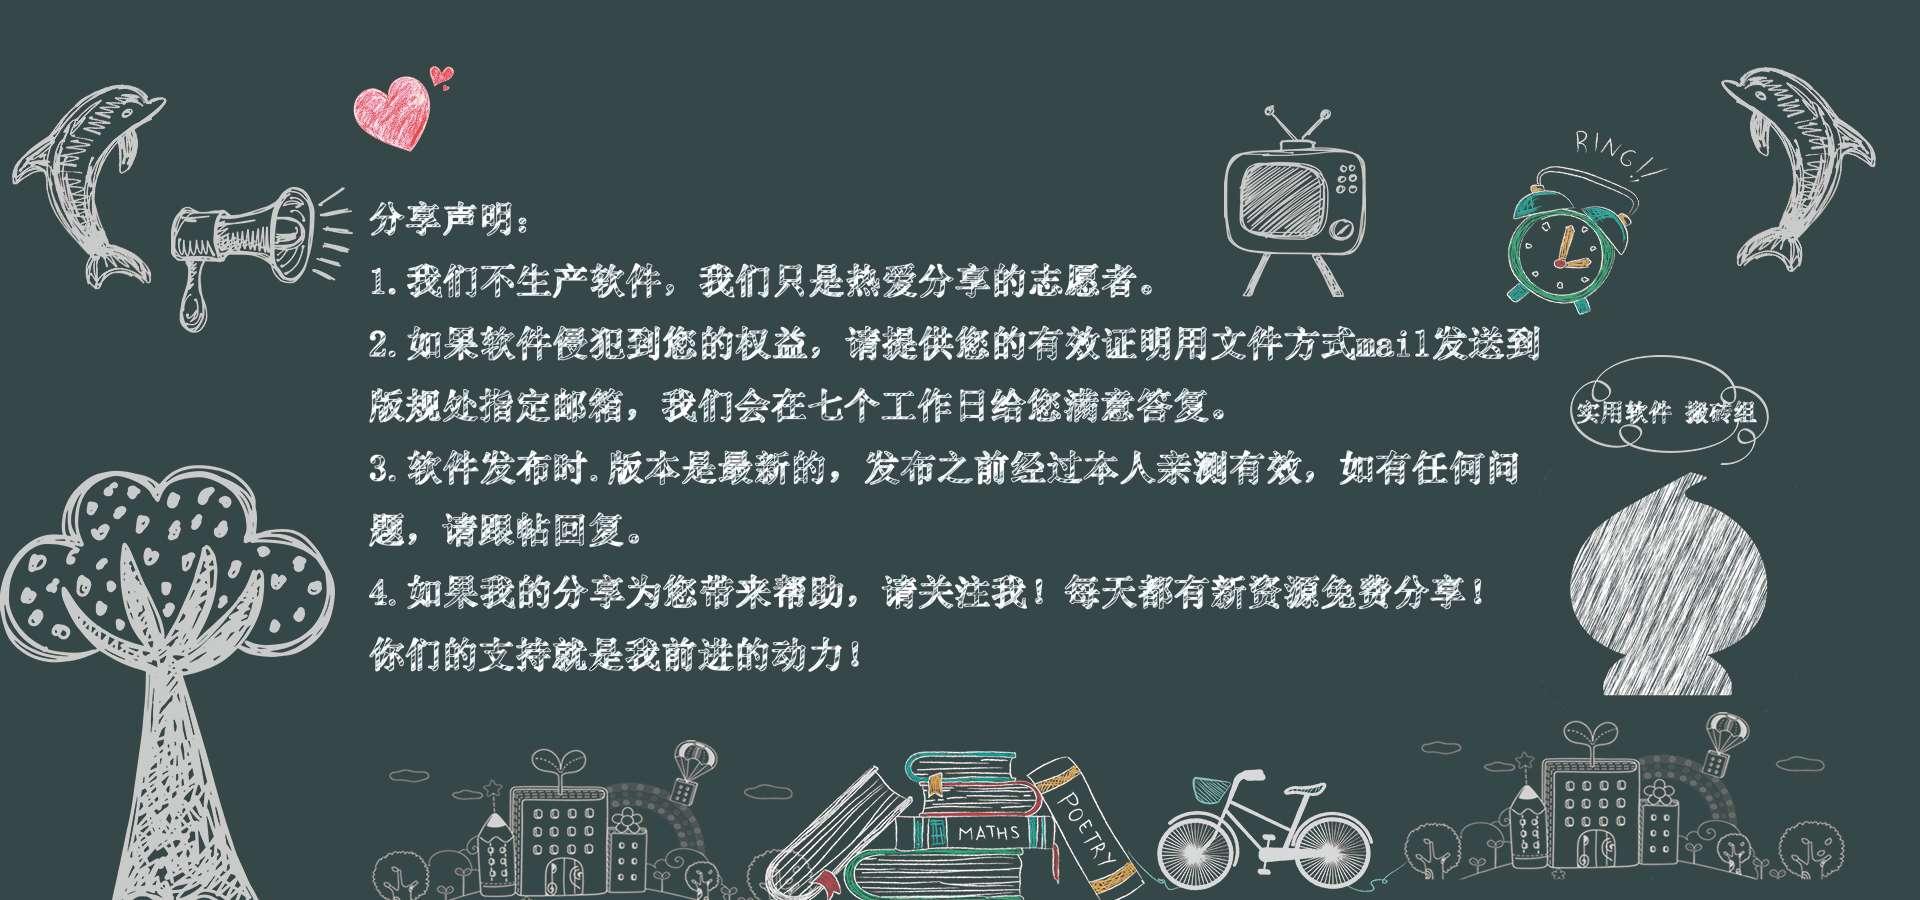 【资源分享】不背单词 v3.1.1 修改版-爱小助